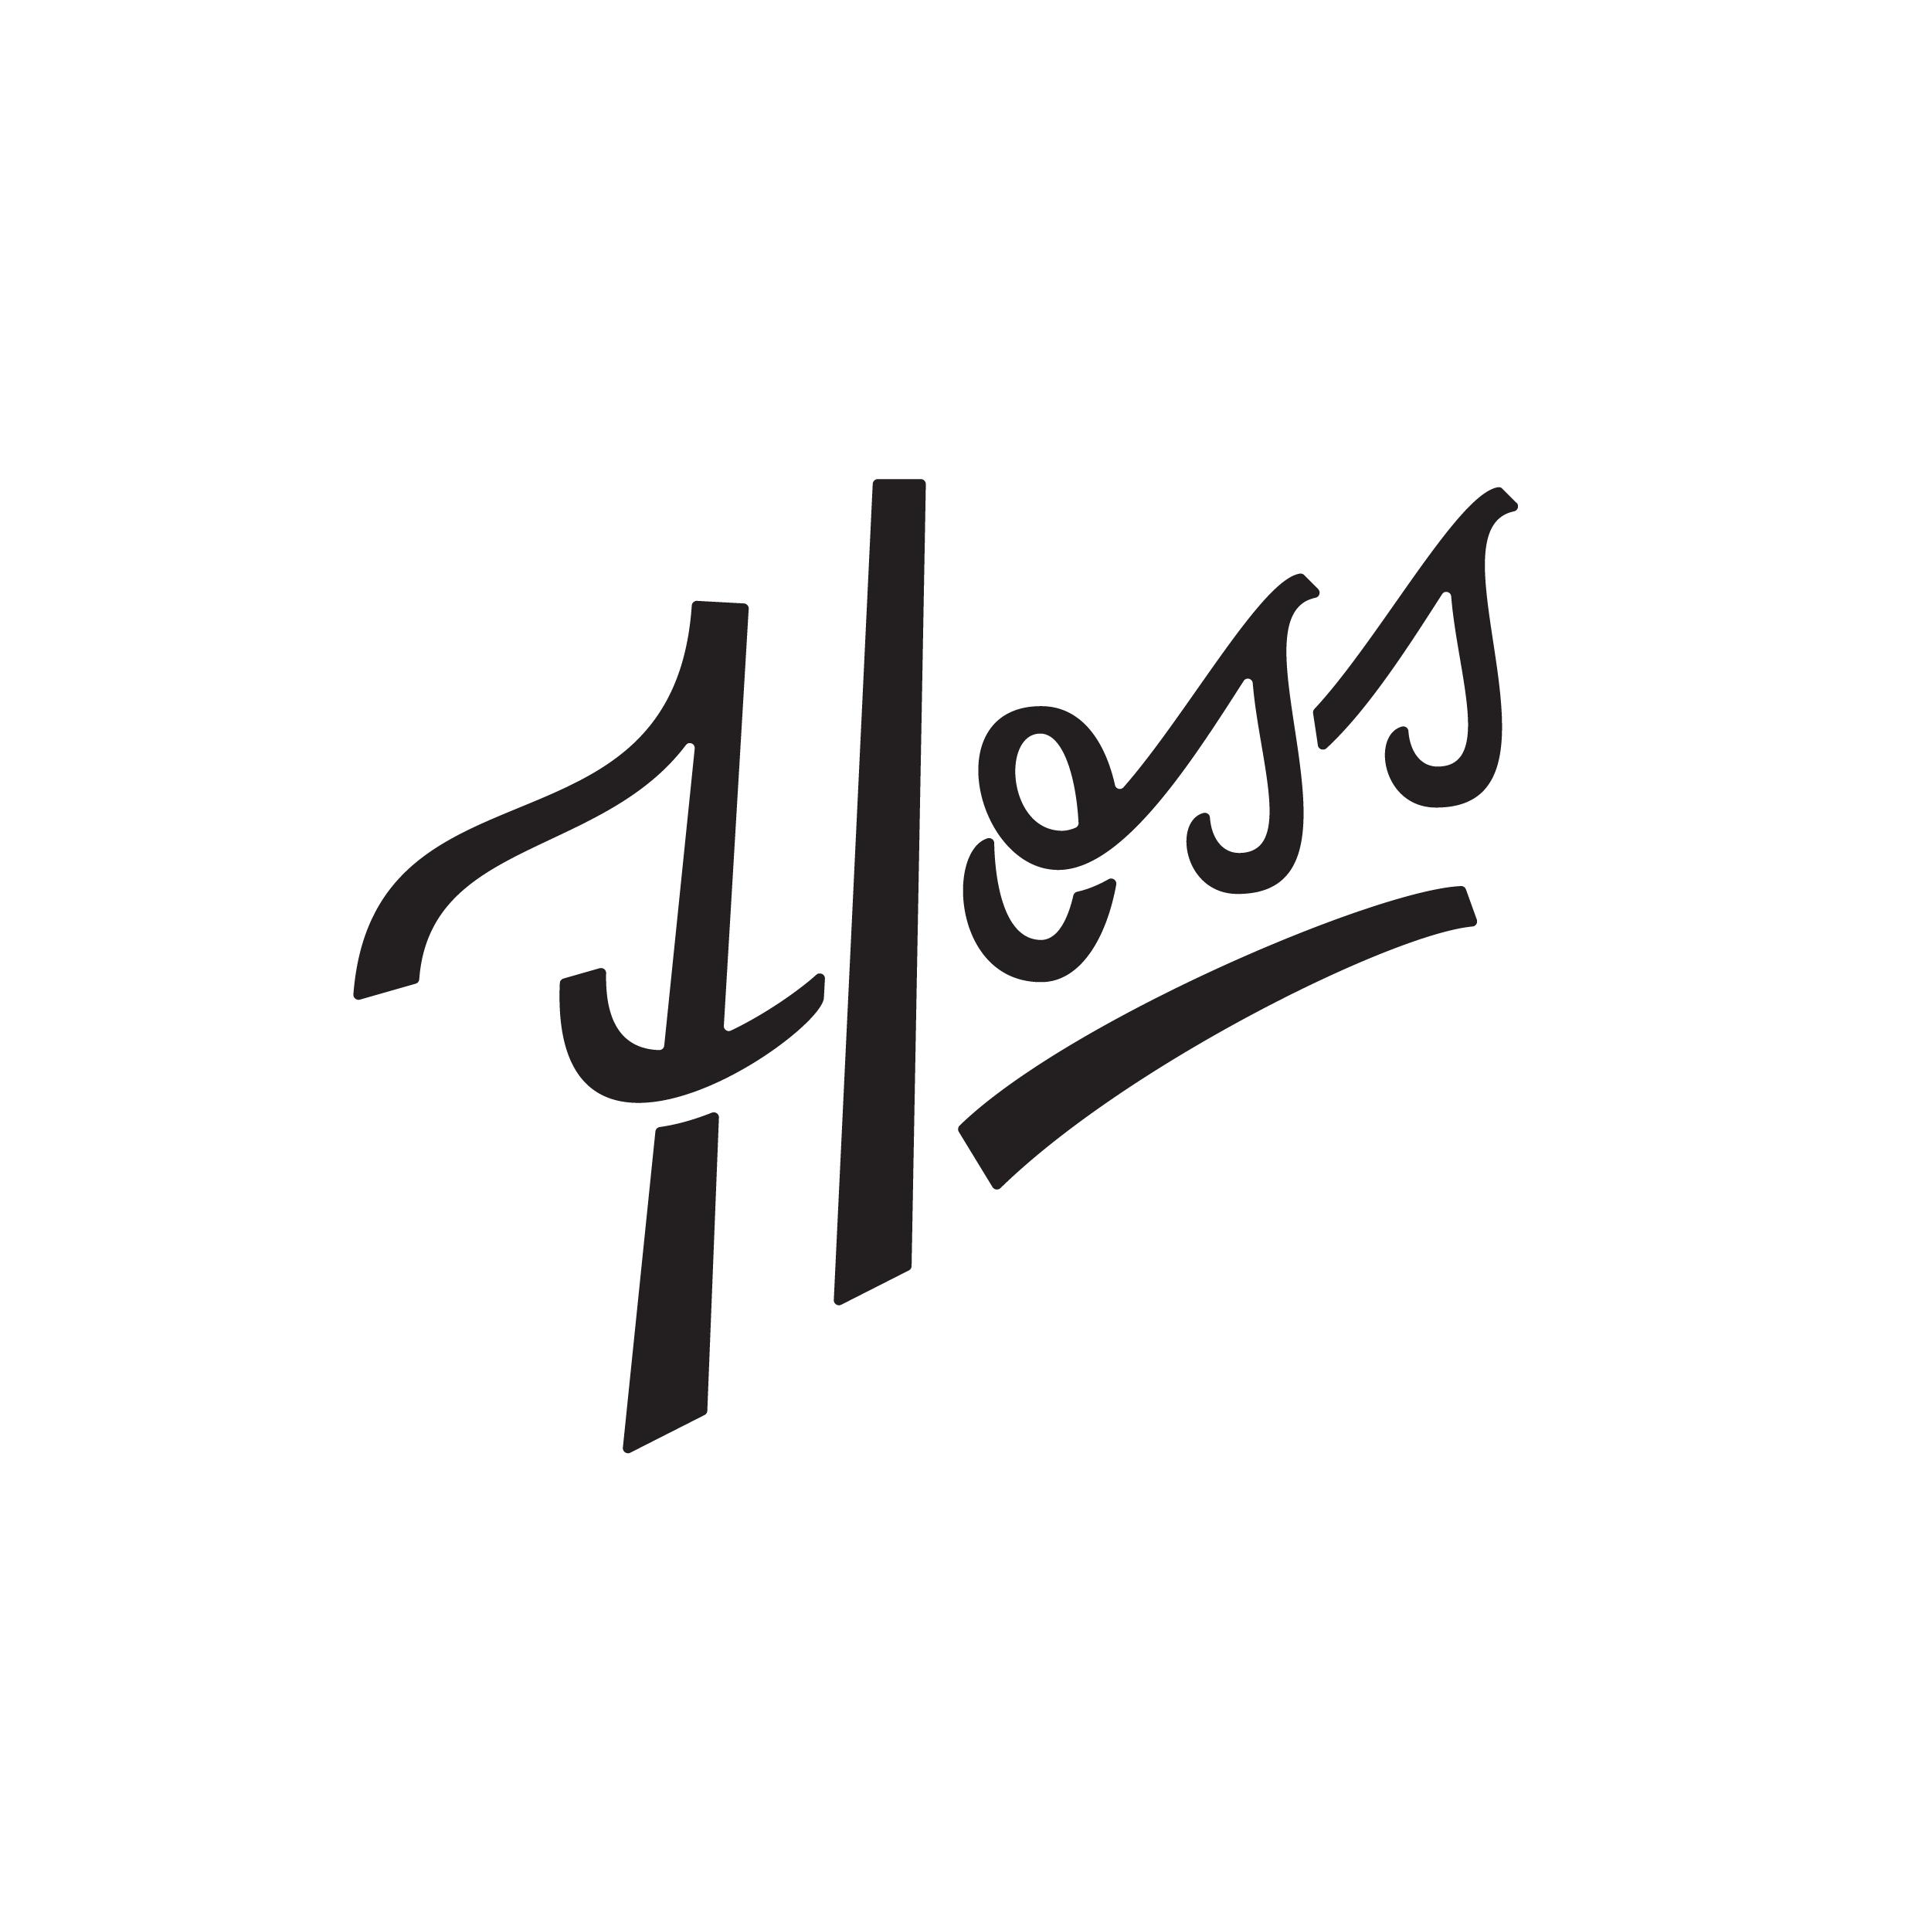 HOSS logo design by logo designer Always Abounding